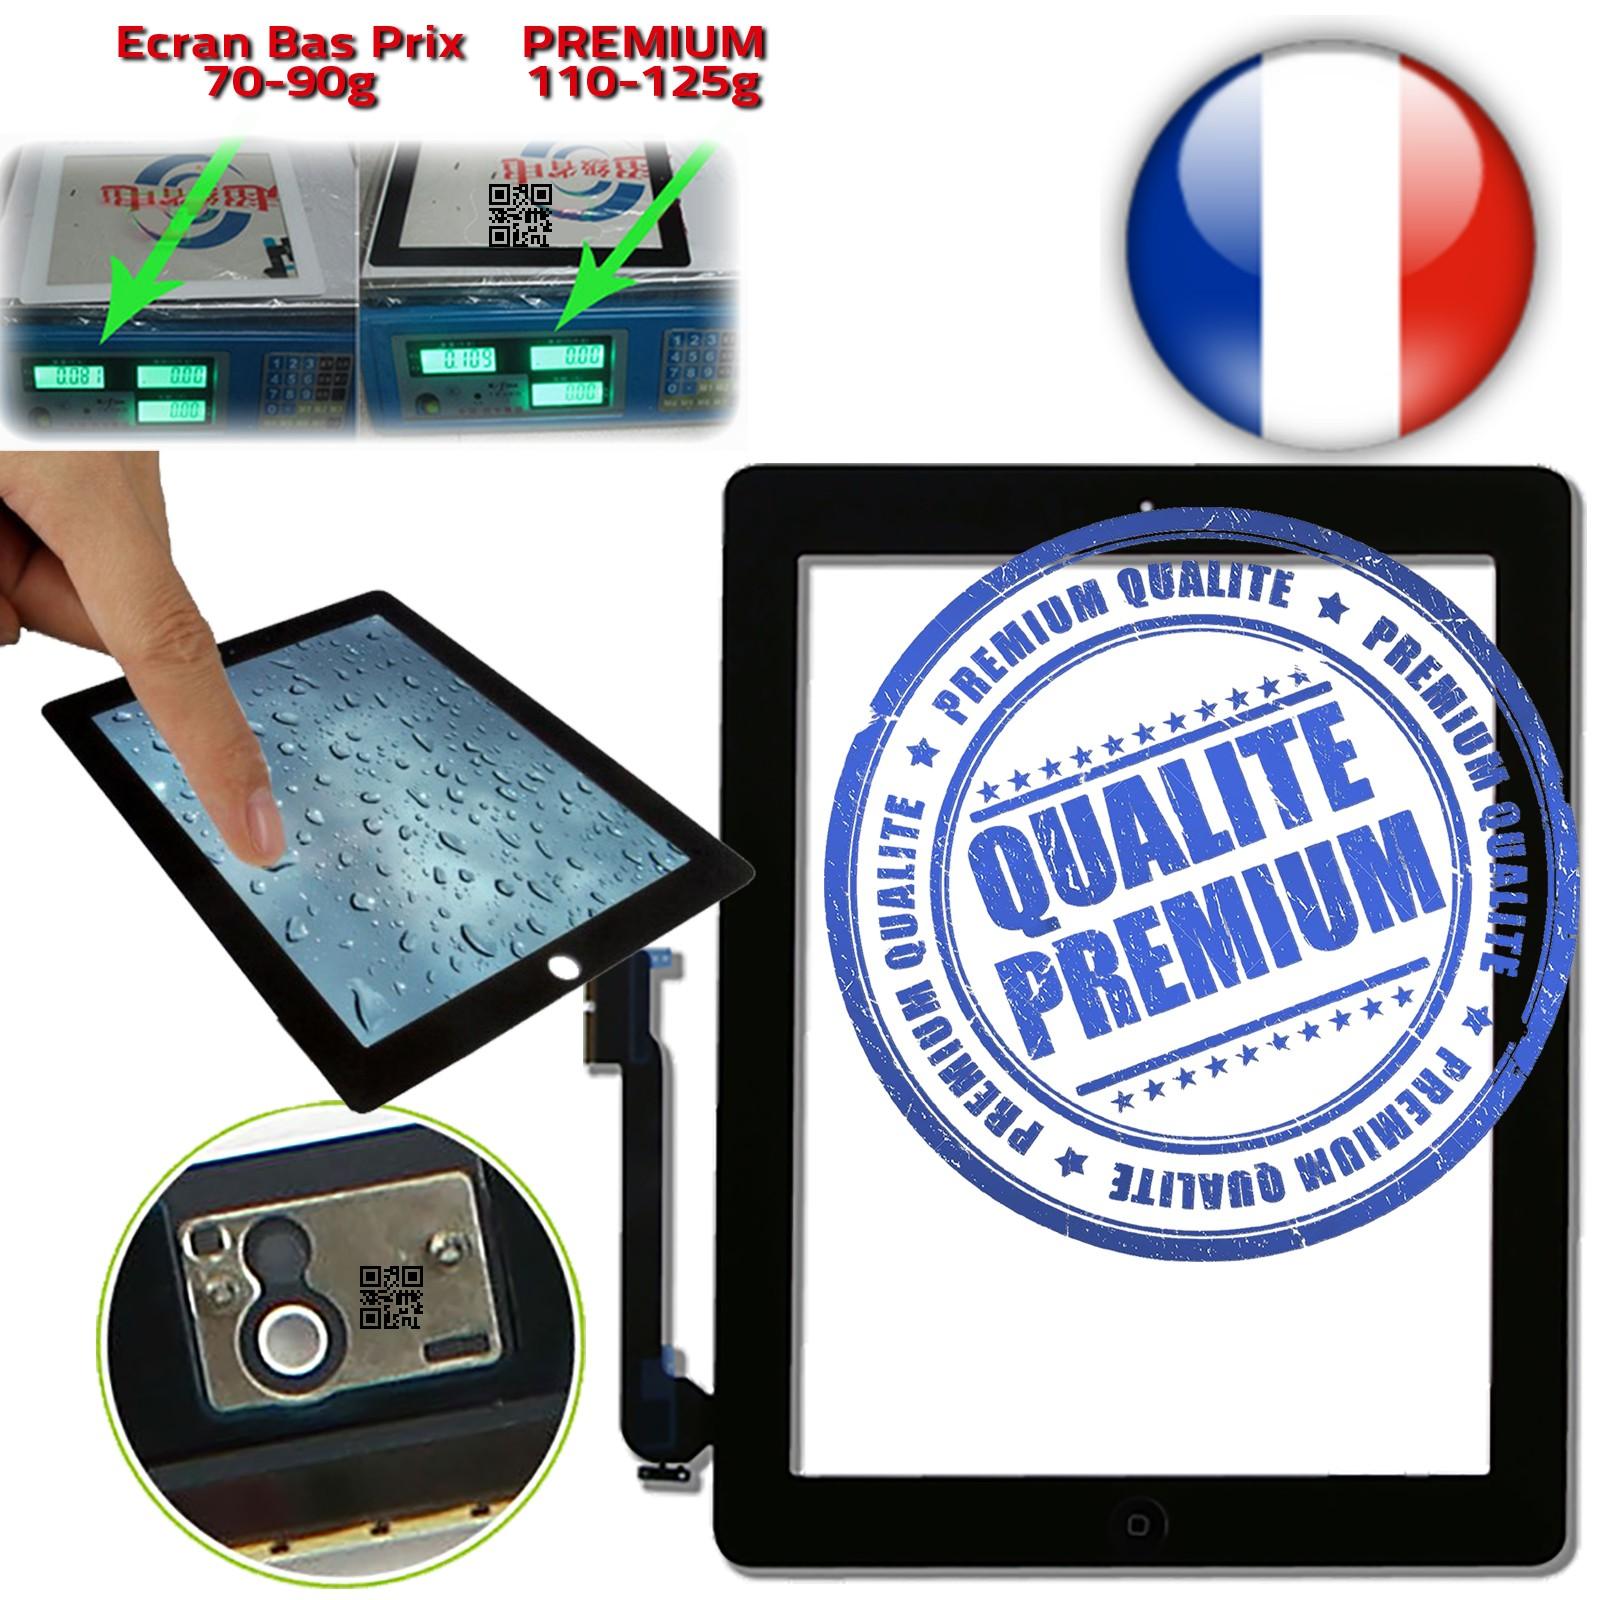 Vitres en Verre PREMIUM Apple iPad 3 Troisième Génération